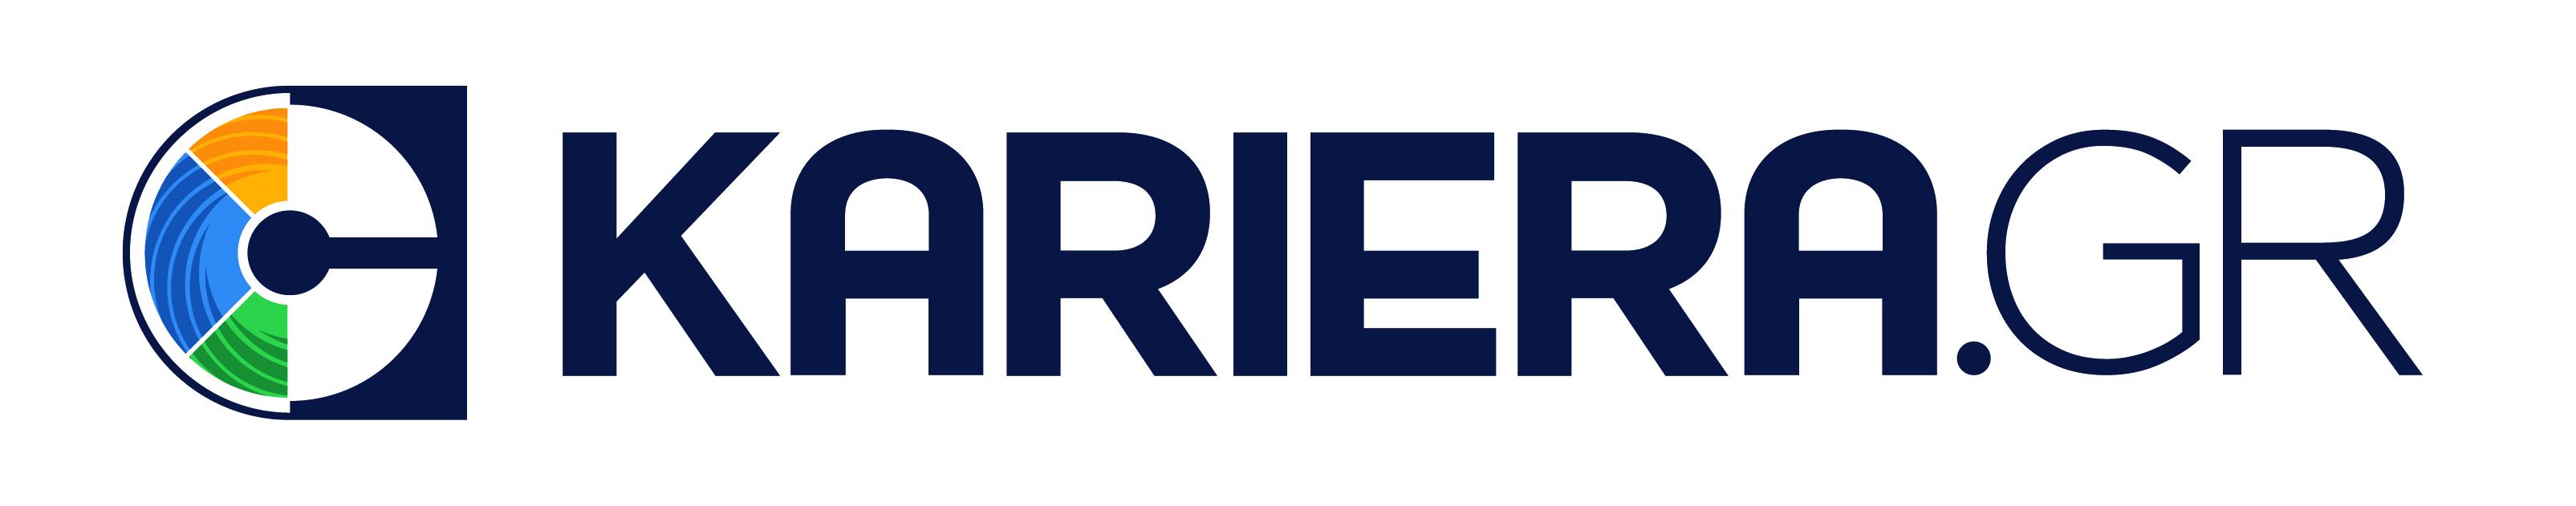 kariera_logo_CMYK